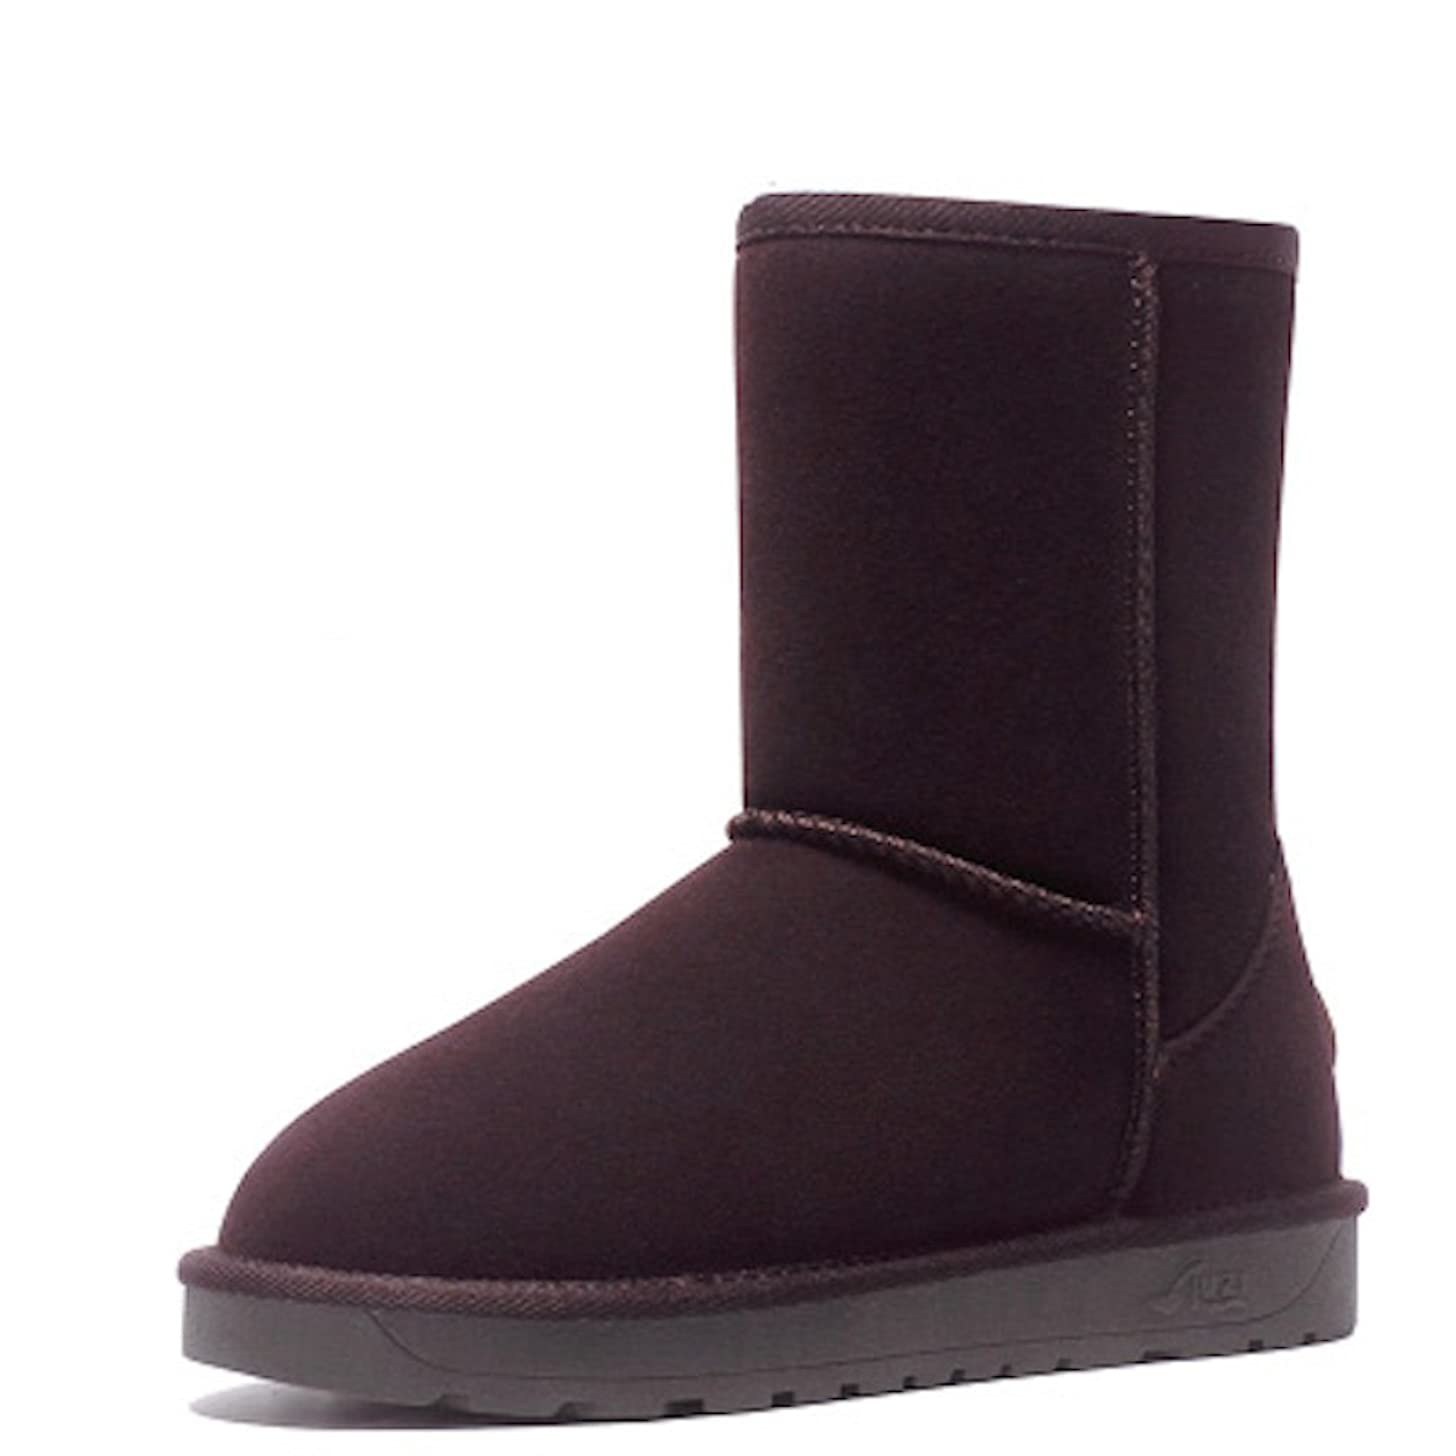 拒否郊外ホームブーツ ショートブーツ レディース 革 ウォーキングシューズ 革靴 レザー カジュアル 軽量 (23, ブラック)